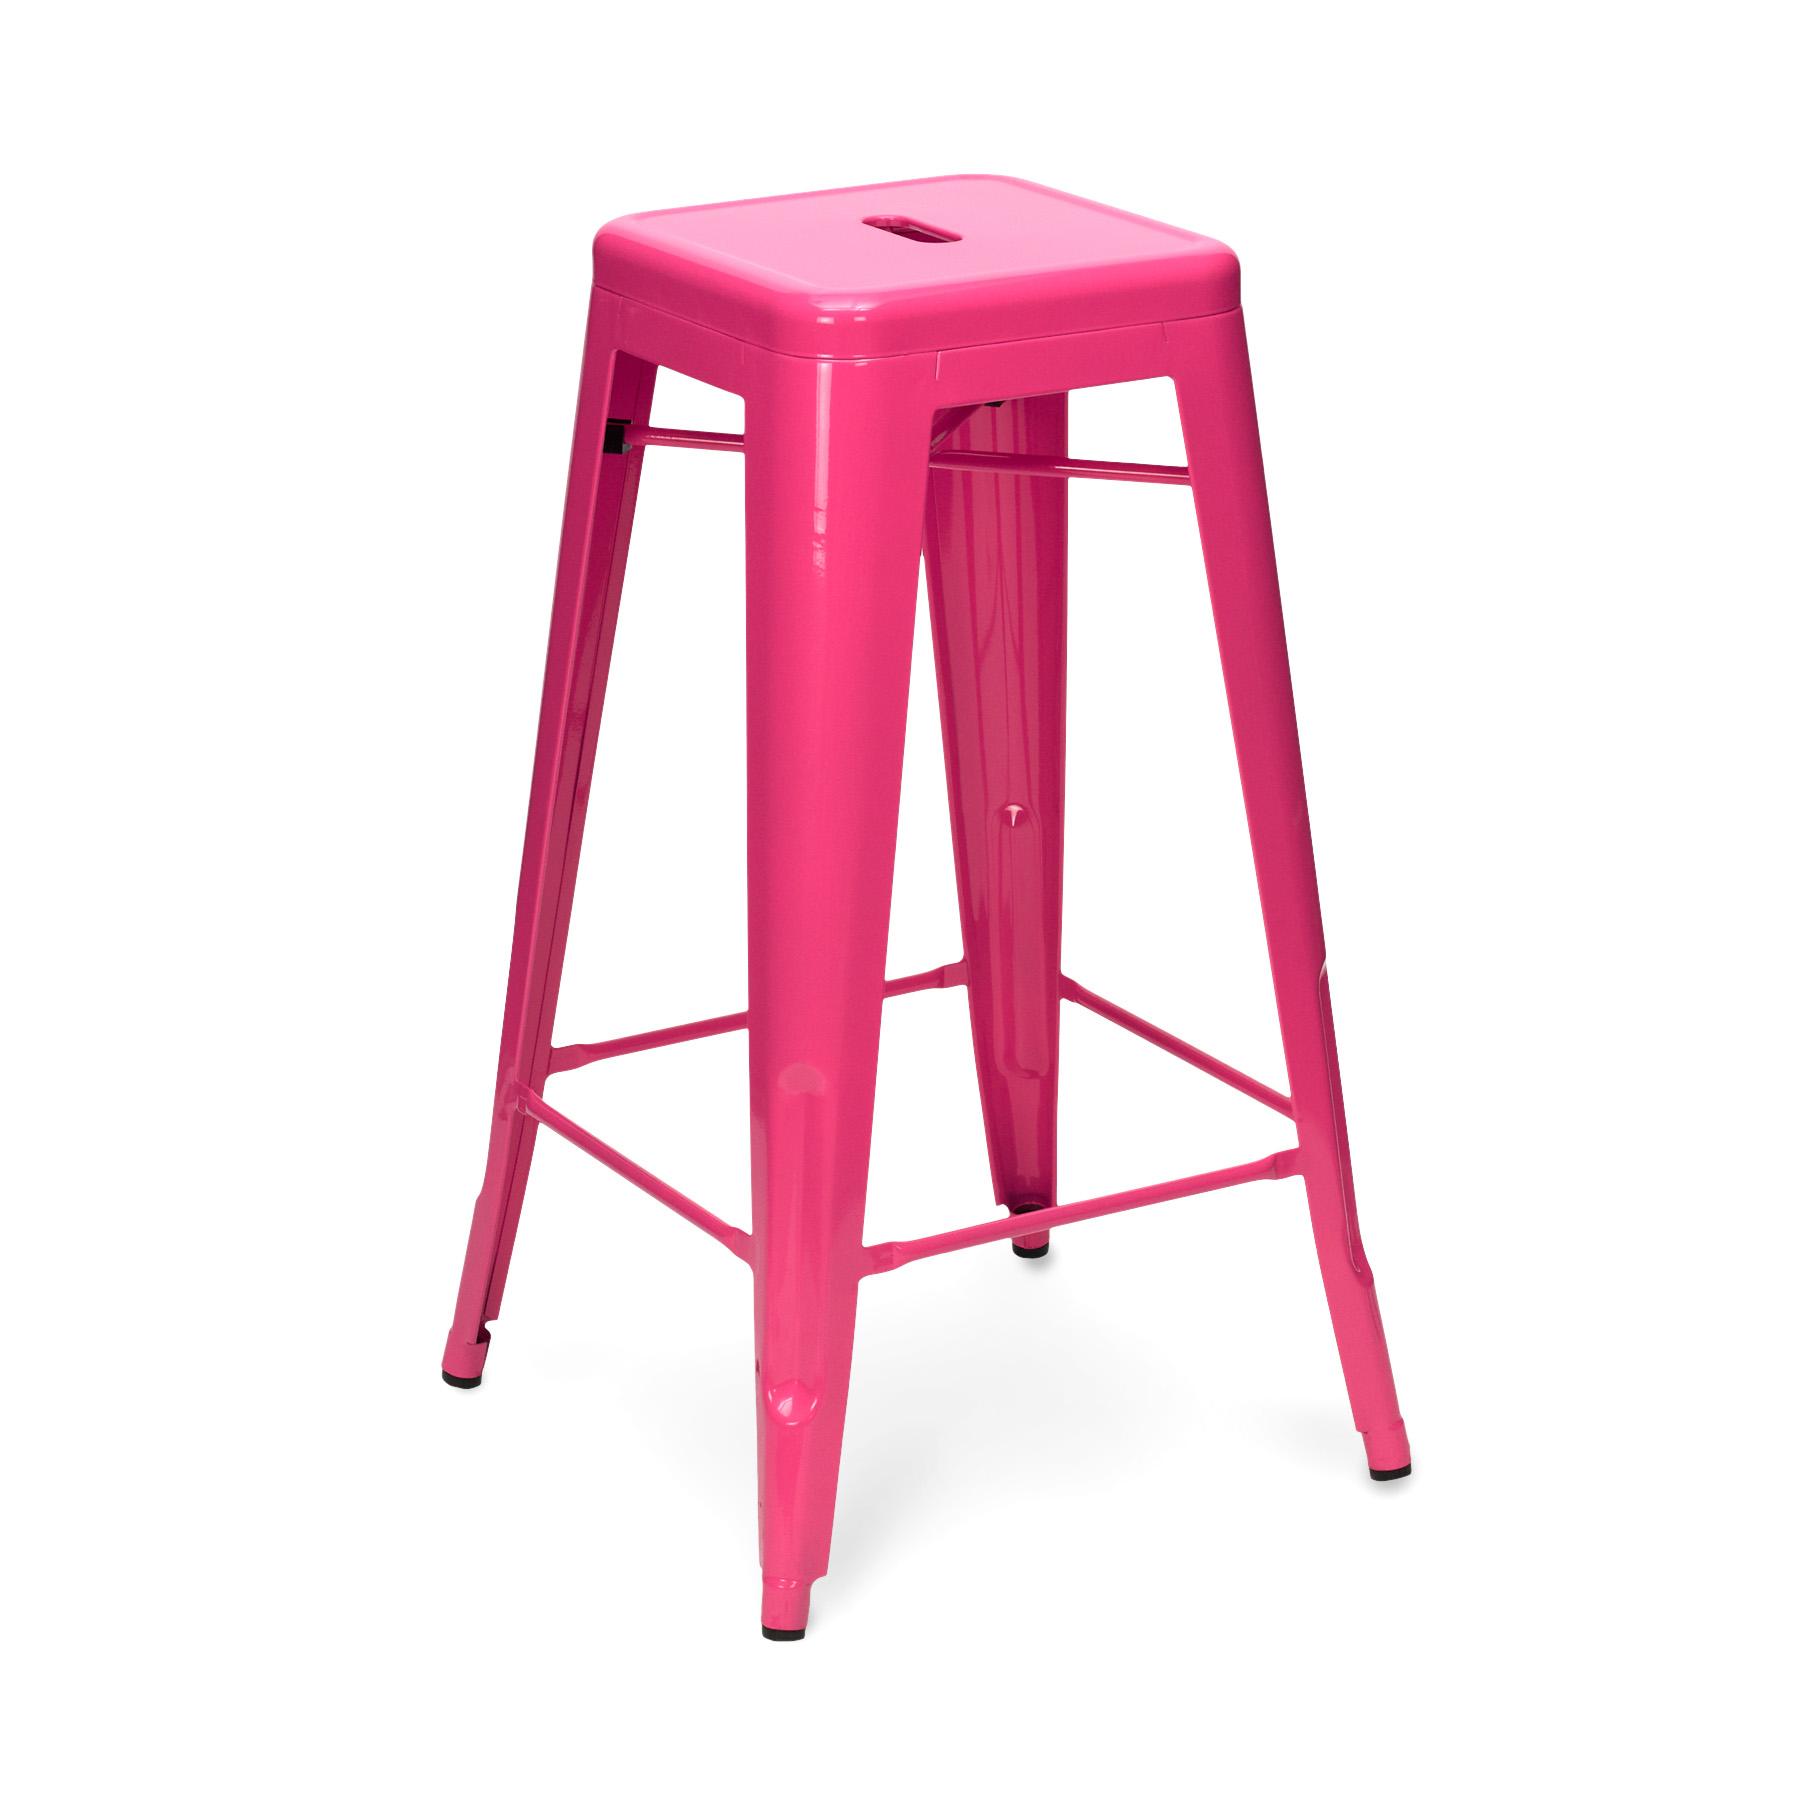 Pink Tolix Stool 65cm75cm : CULT019lipstickpinkfrontside from www.cultfurniturehire.com size 1800 x 1800 jpeg 243kB